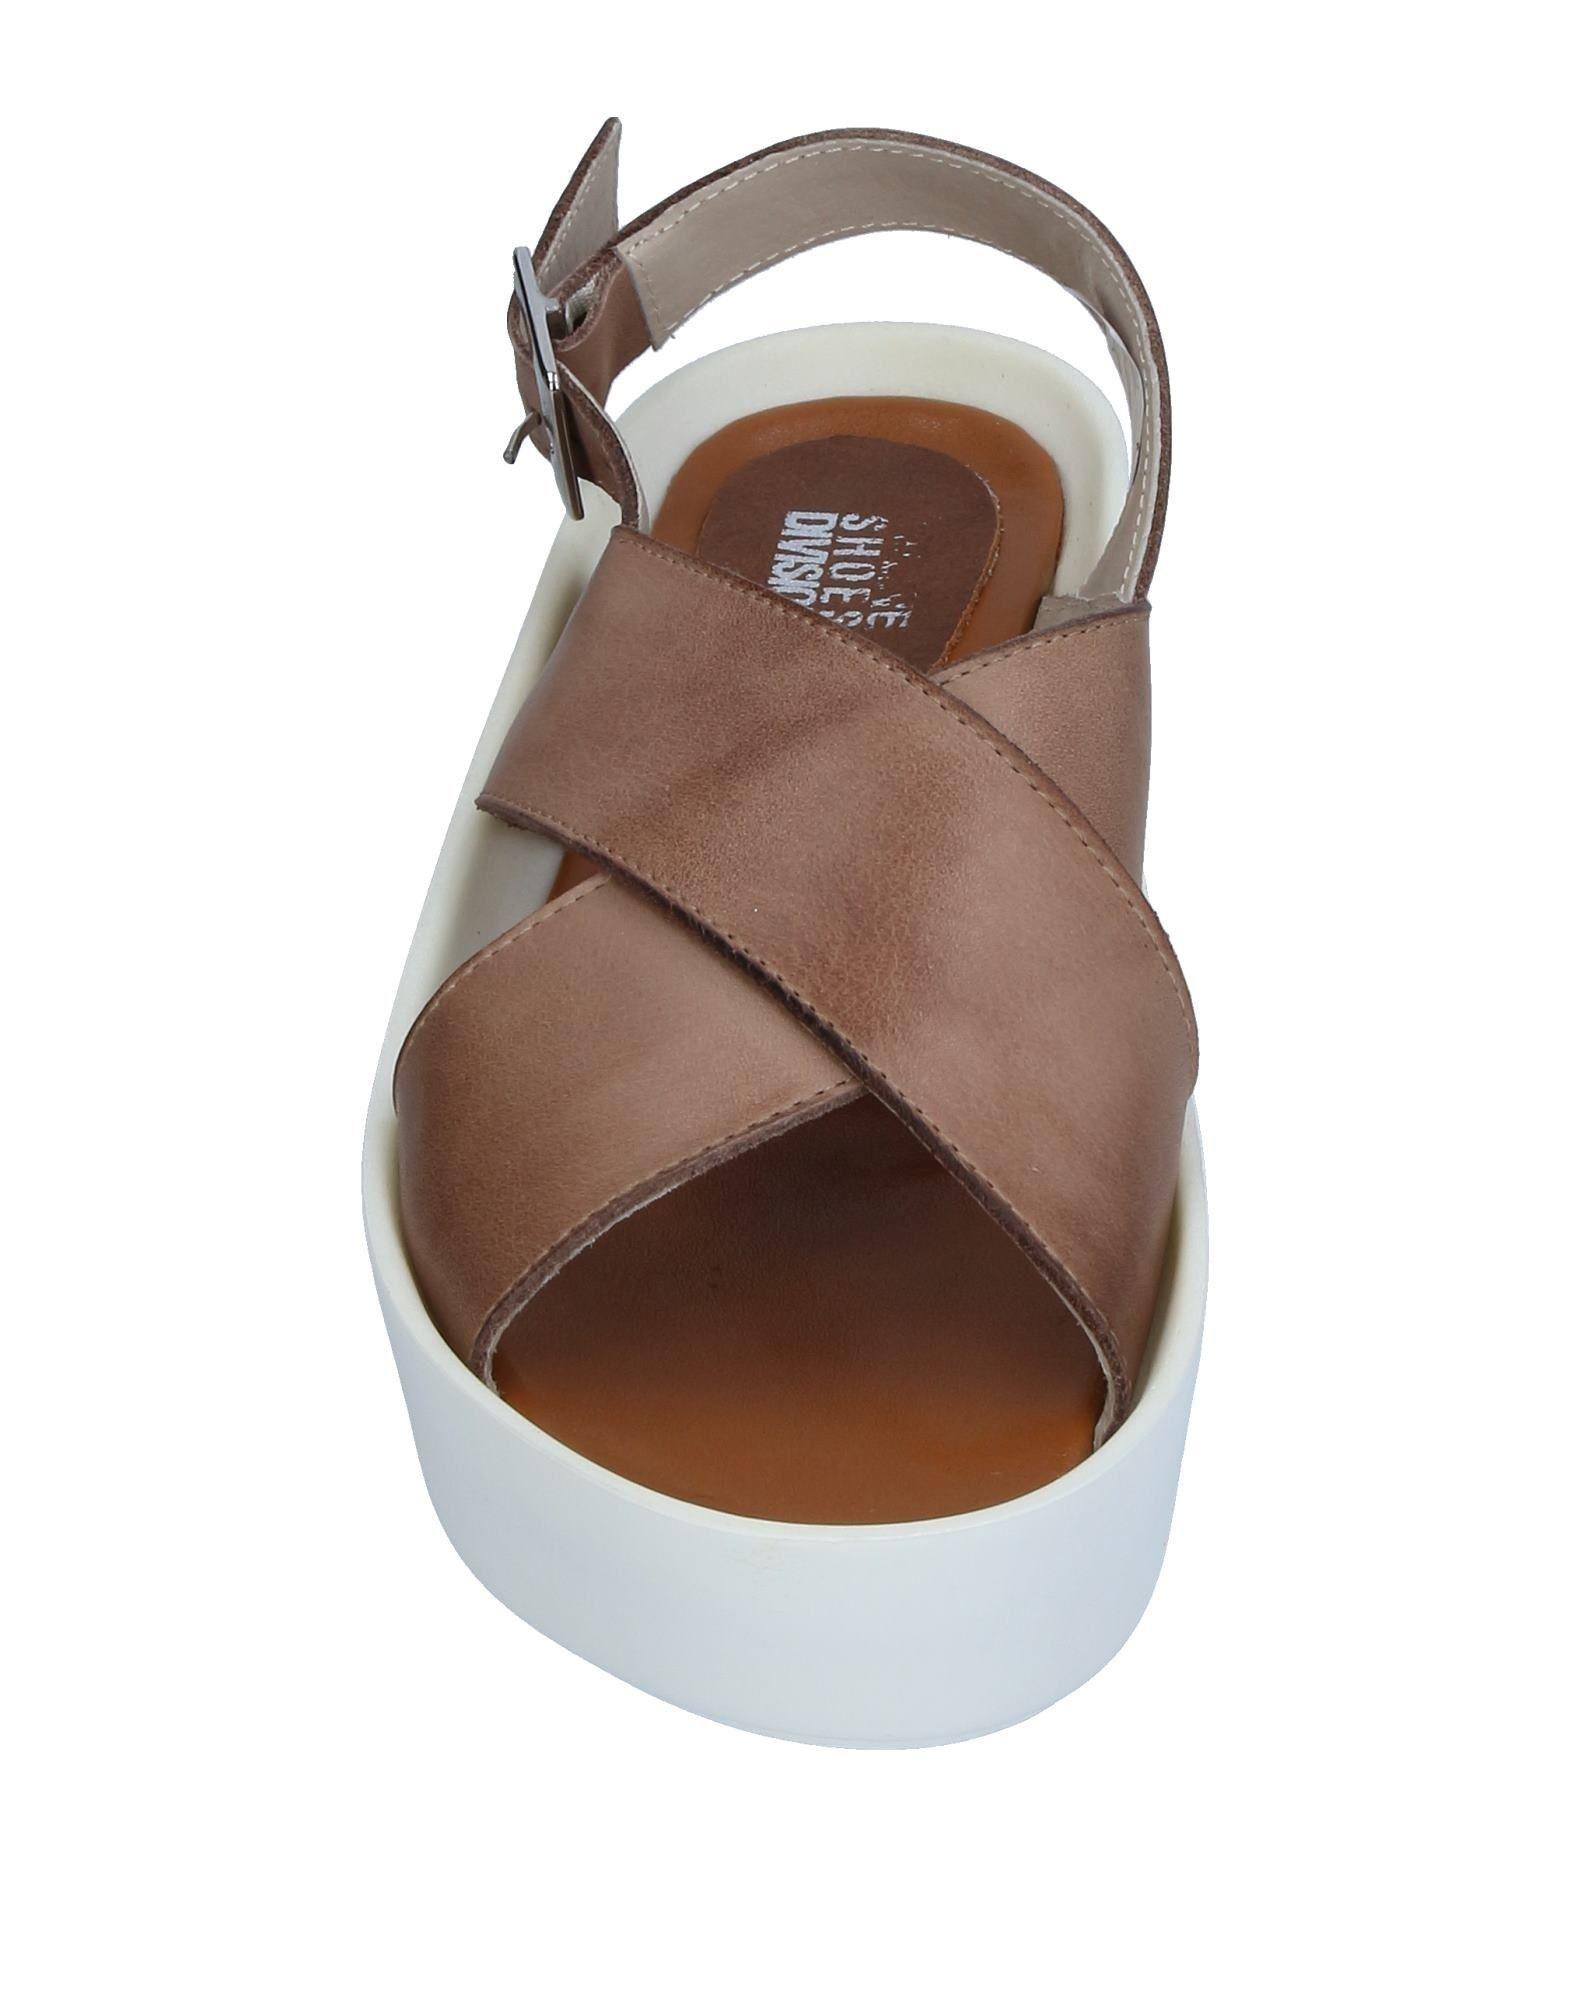 Sandales Tsd12 Femme - Sandales Tsd12 sur